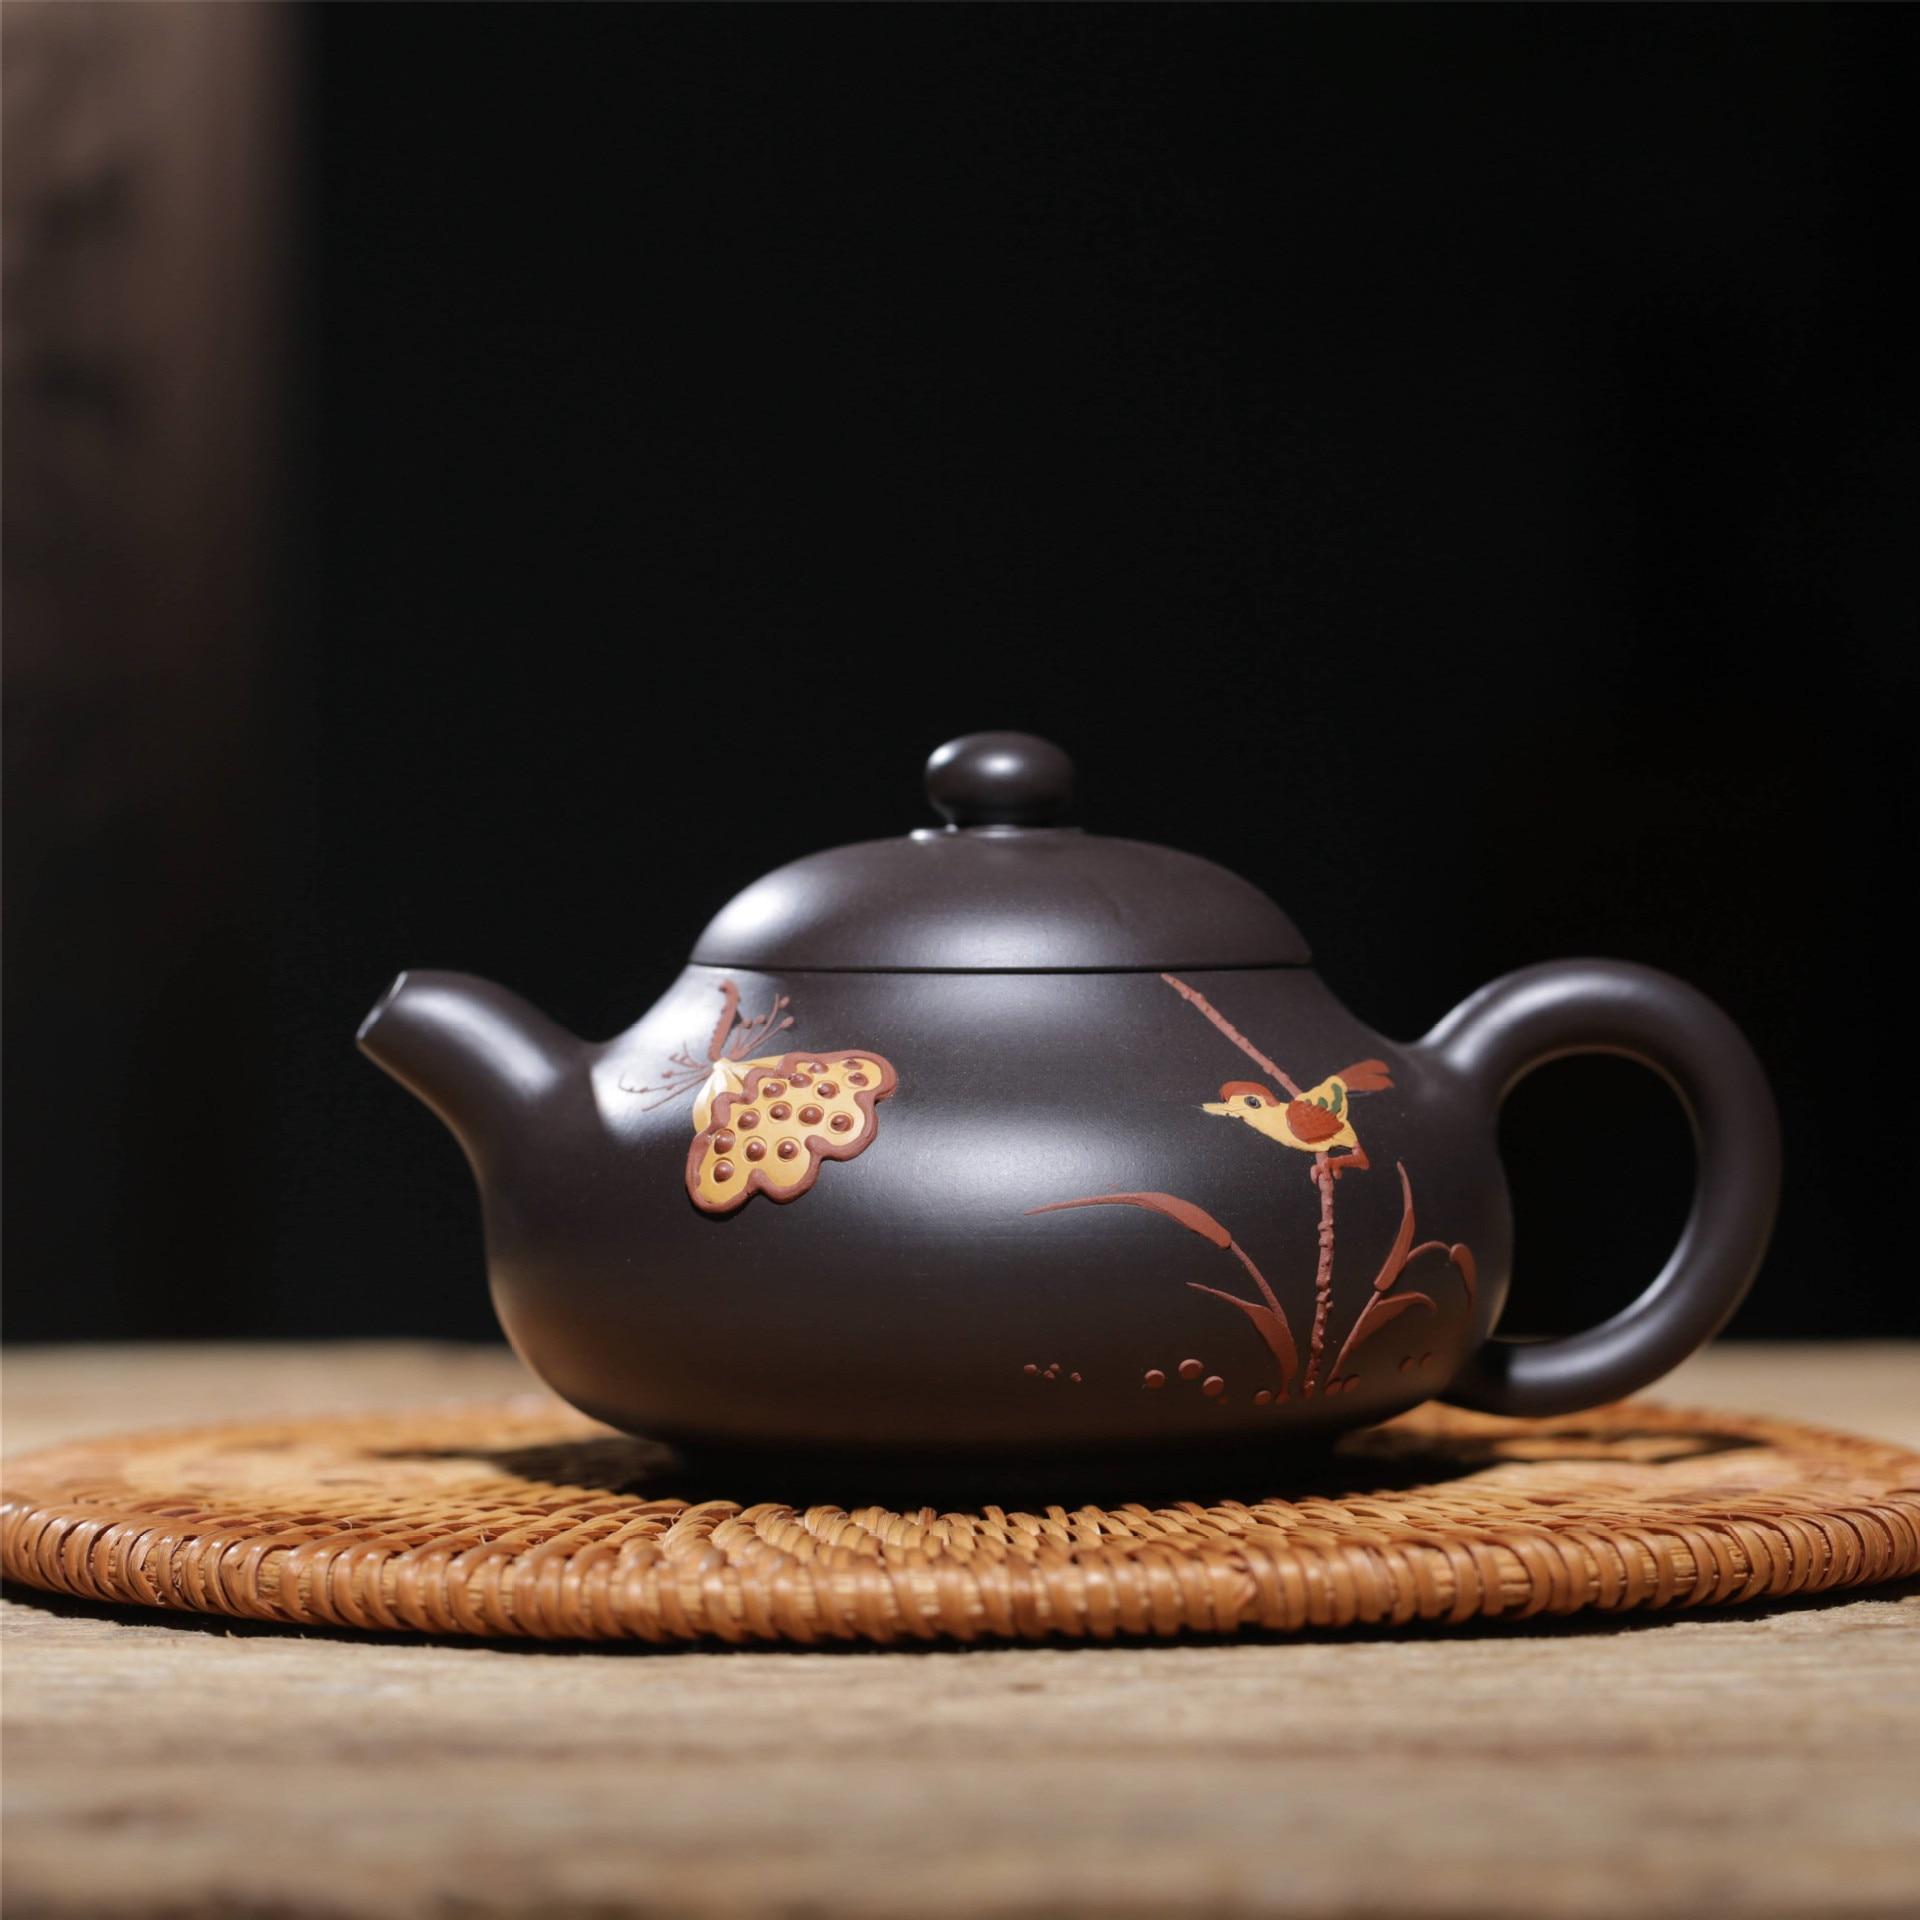 Известная ручная НЕОБРАБОТАННАЯ руда черного грязевого цветной рисунок или узор Xi Shi чайник завод прямой Wechat бизнес бесплатно агент